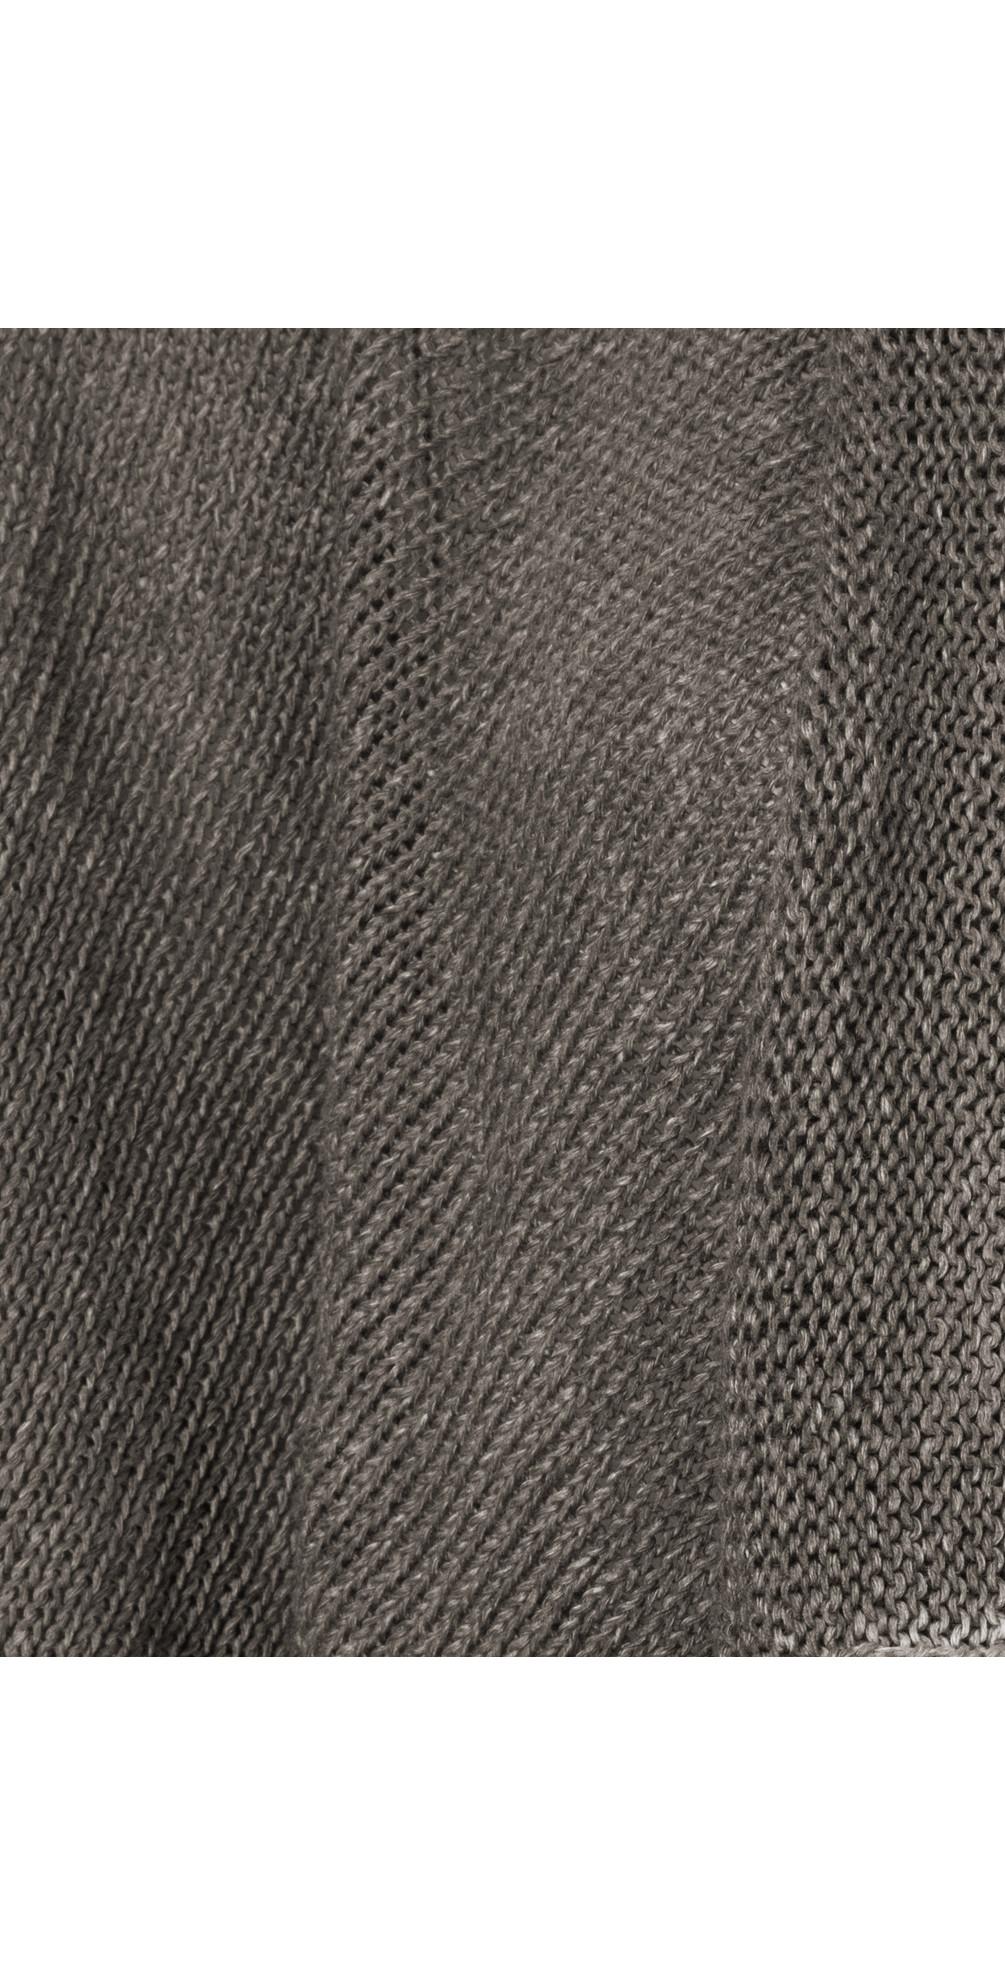 Oliato Linen Knit Waterfall Cardi main image